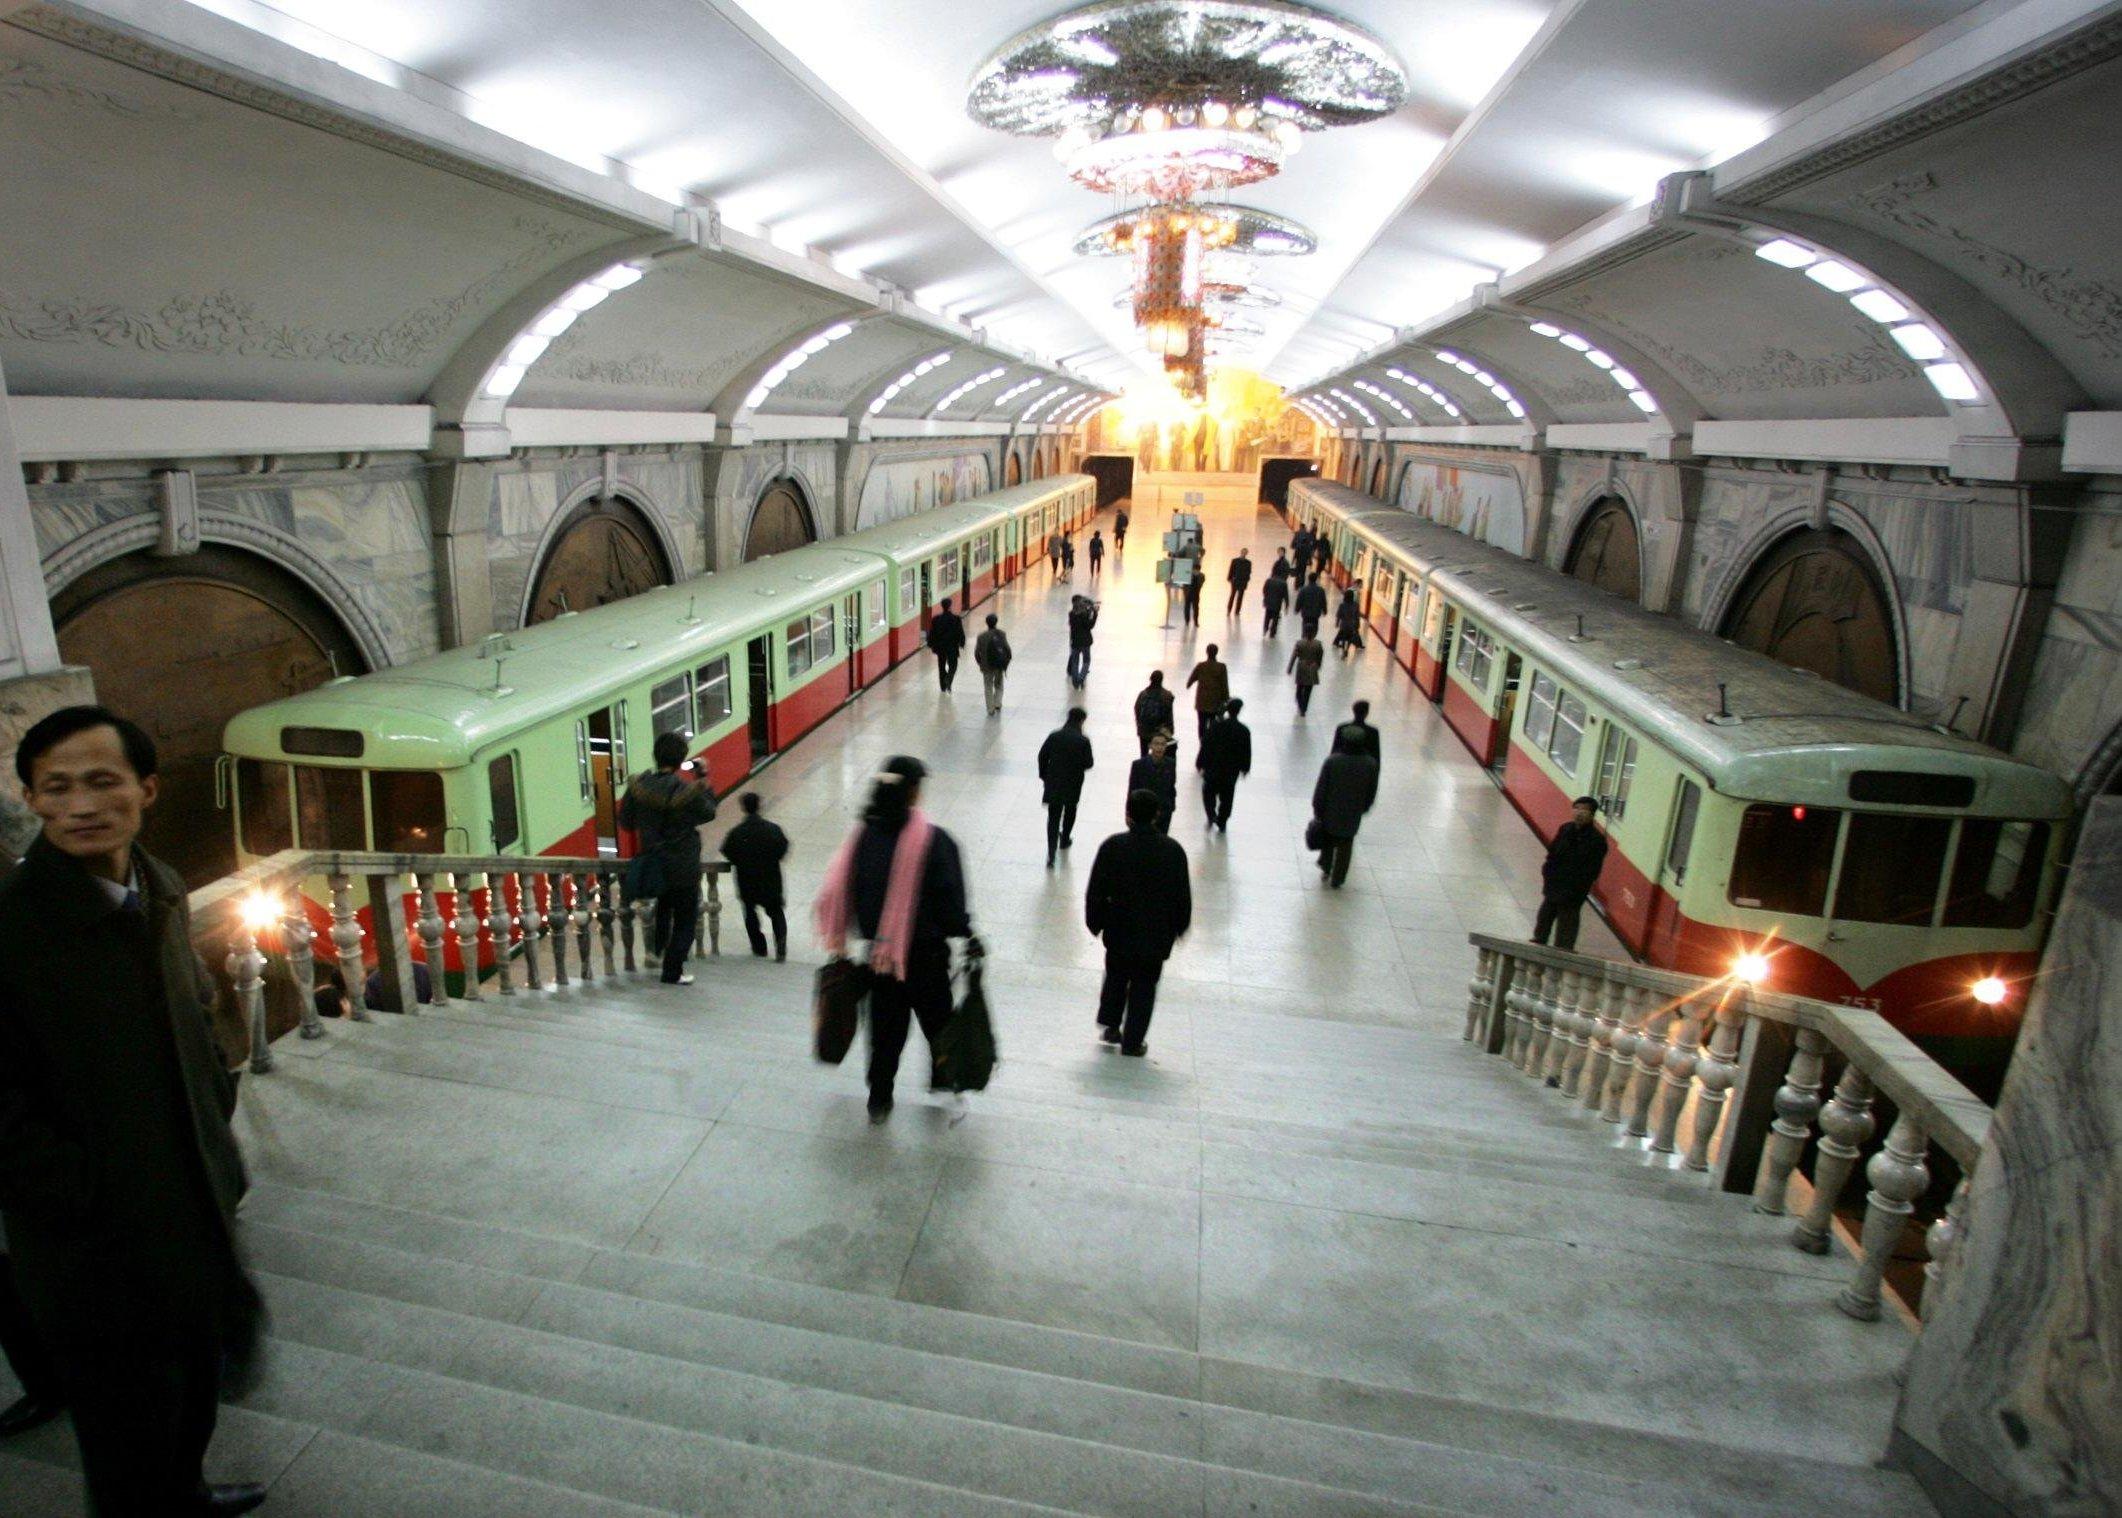 Os peões andam através a estação de metrô Puhung (ou seja, reabilitação) na capital norte-coreana de Pyongyang (Arquivo)